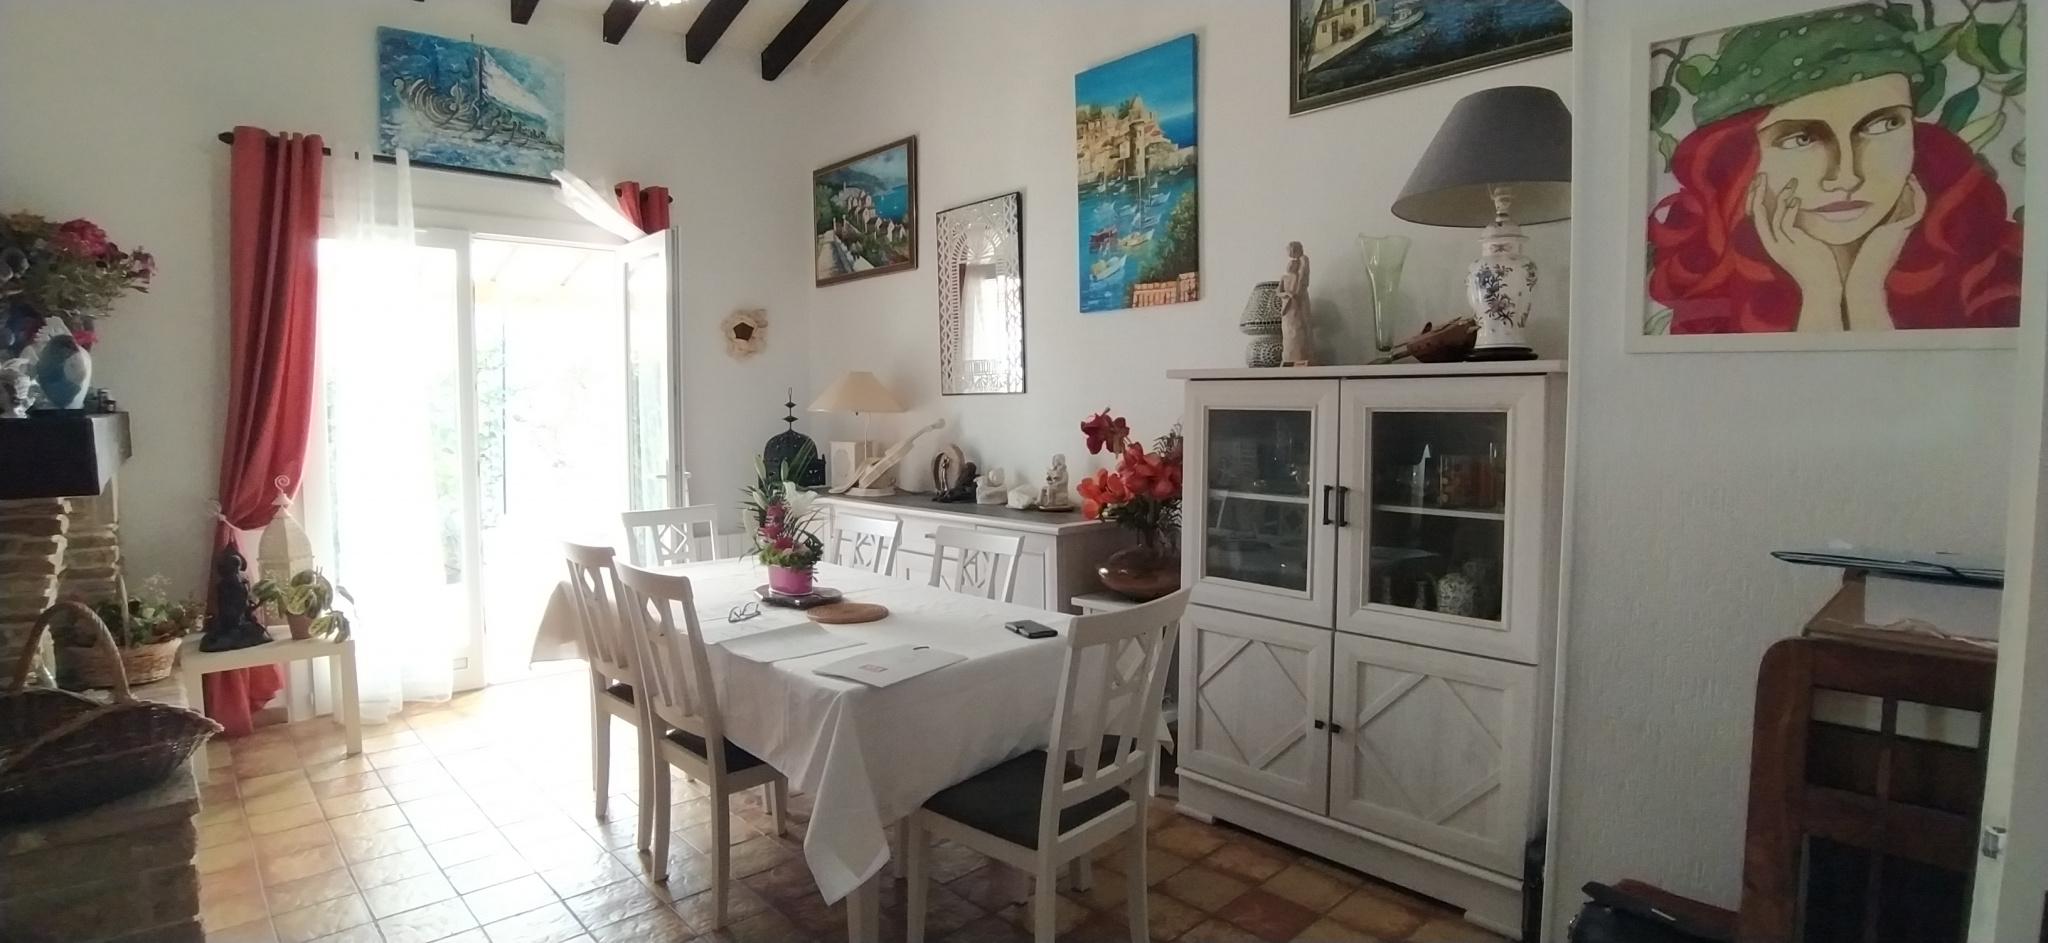 À vendre maison/villa de 140m2 à argeles sur mer (66700) - Photo 5'